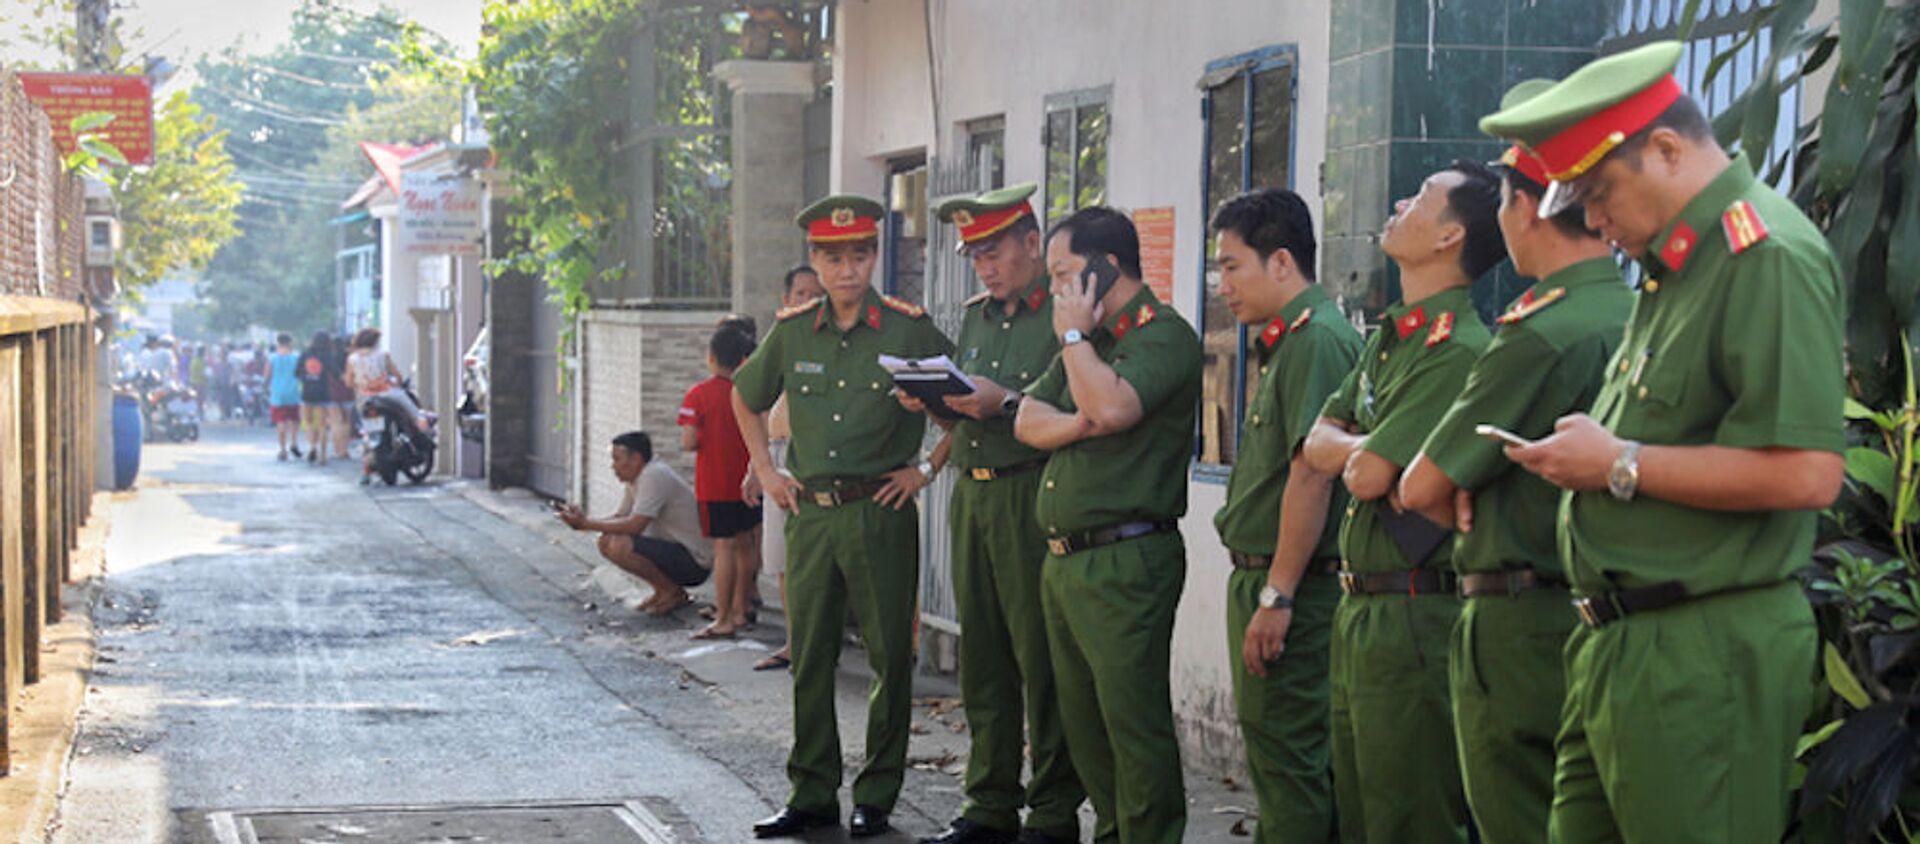 Cảnh sát phong tỏa hiện trường vụ hỏa hoạn.  - Sputnik Việt Nam, 1920, 21.01.2020